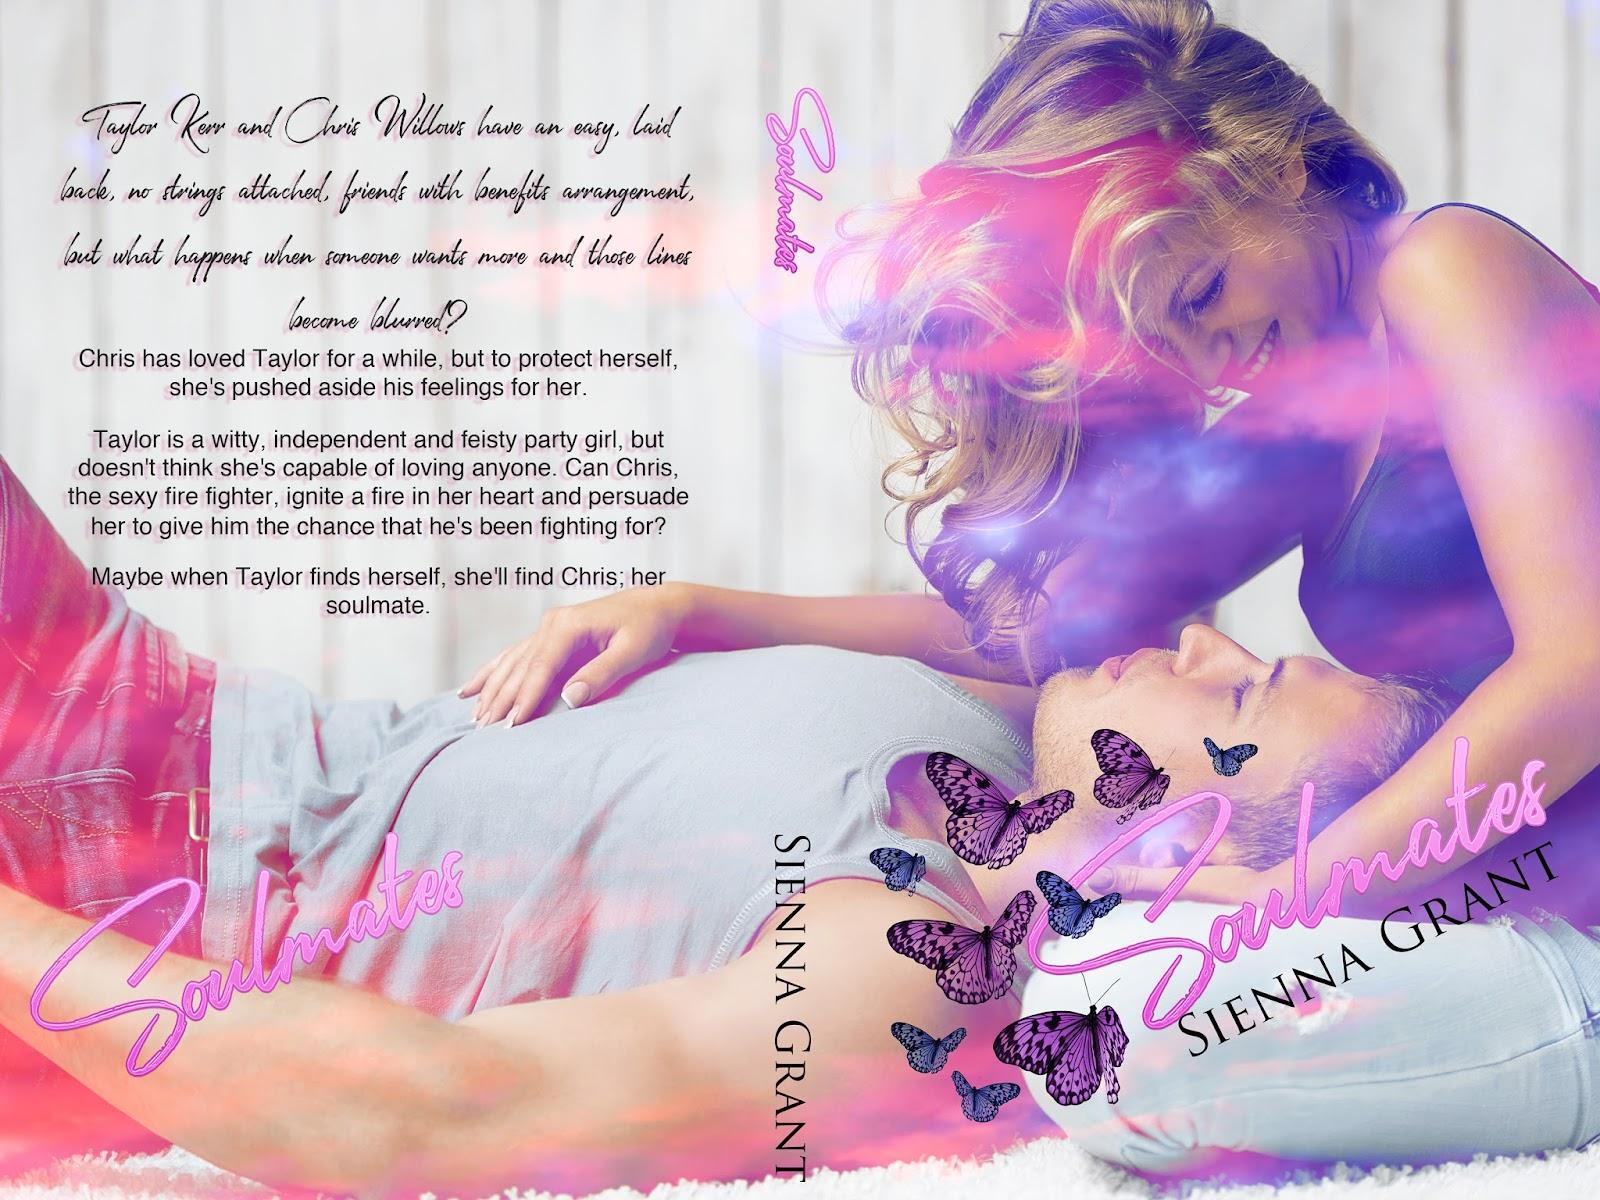 Soulmates Sienna Grant.jpg